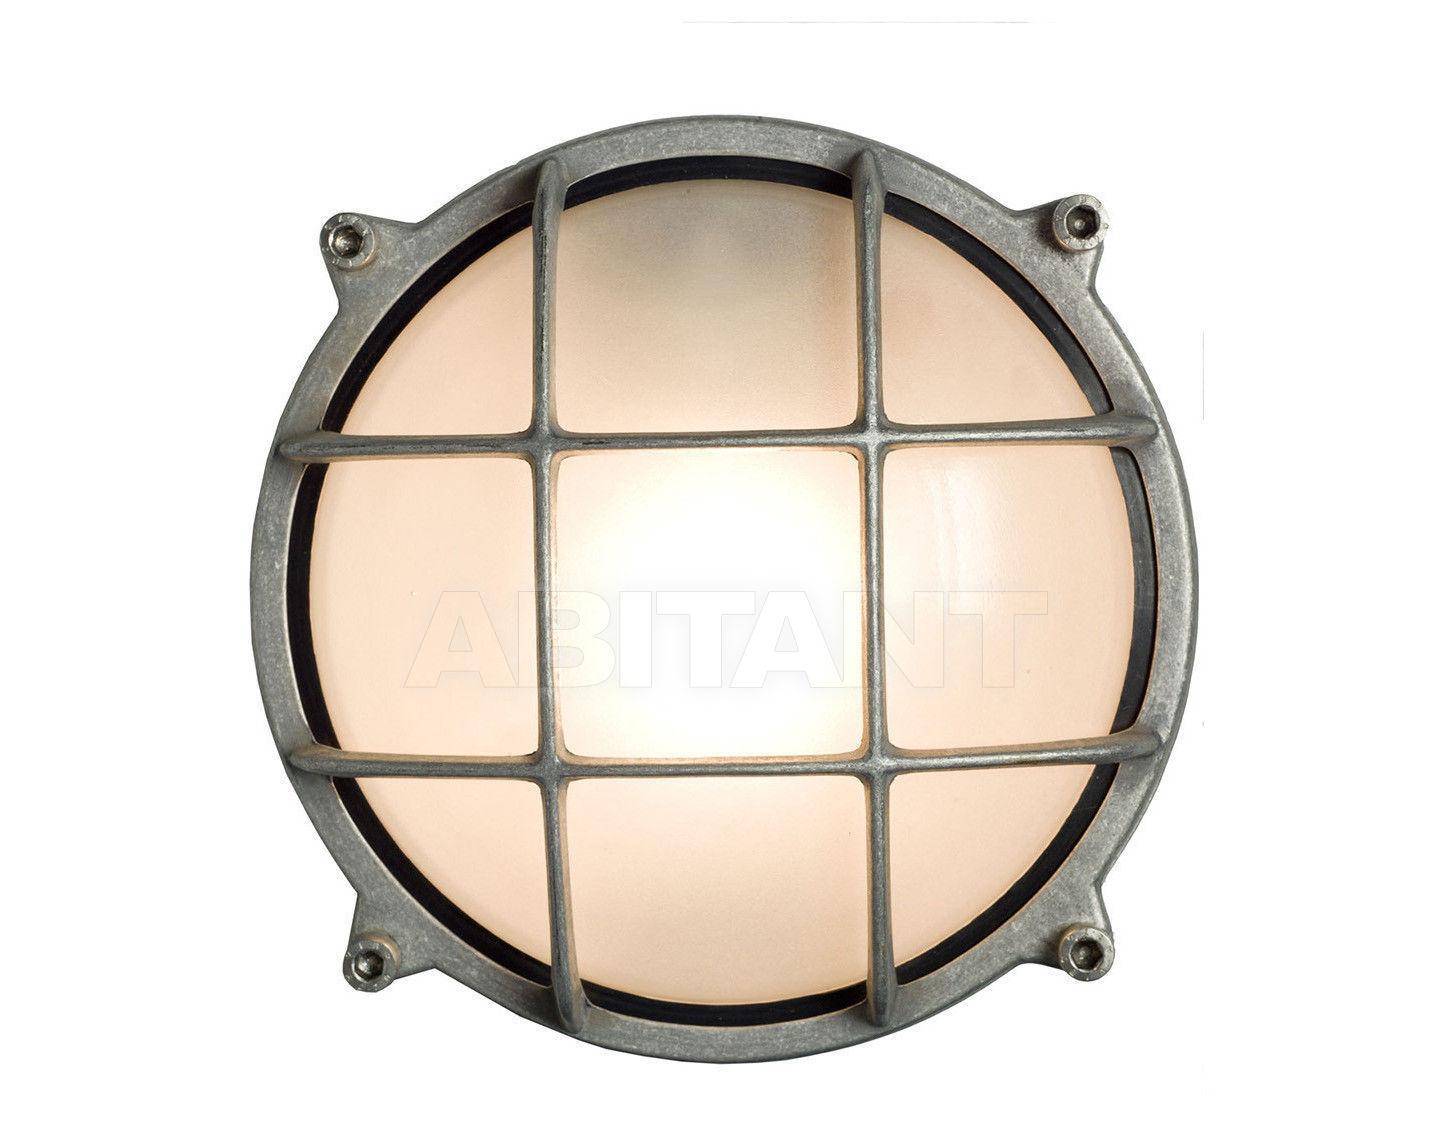 Купить Светильник Davey Lighting Bulkhead Lights 8111/AL/E27